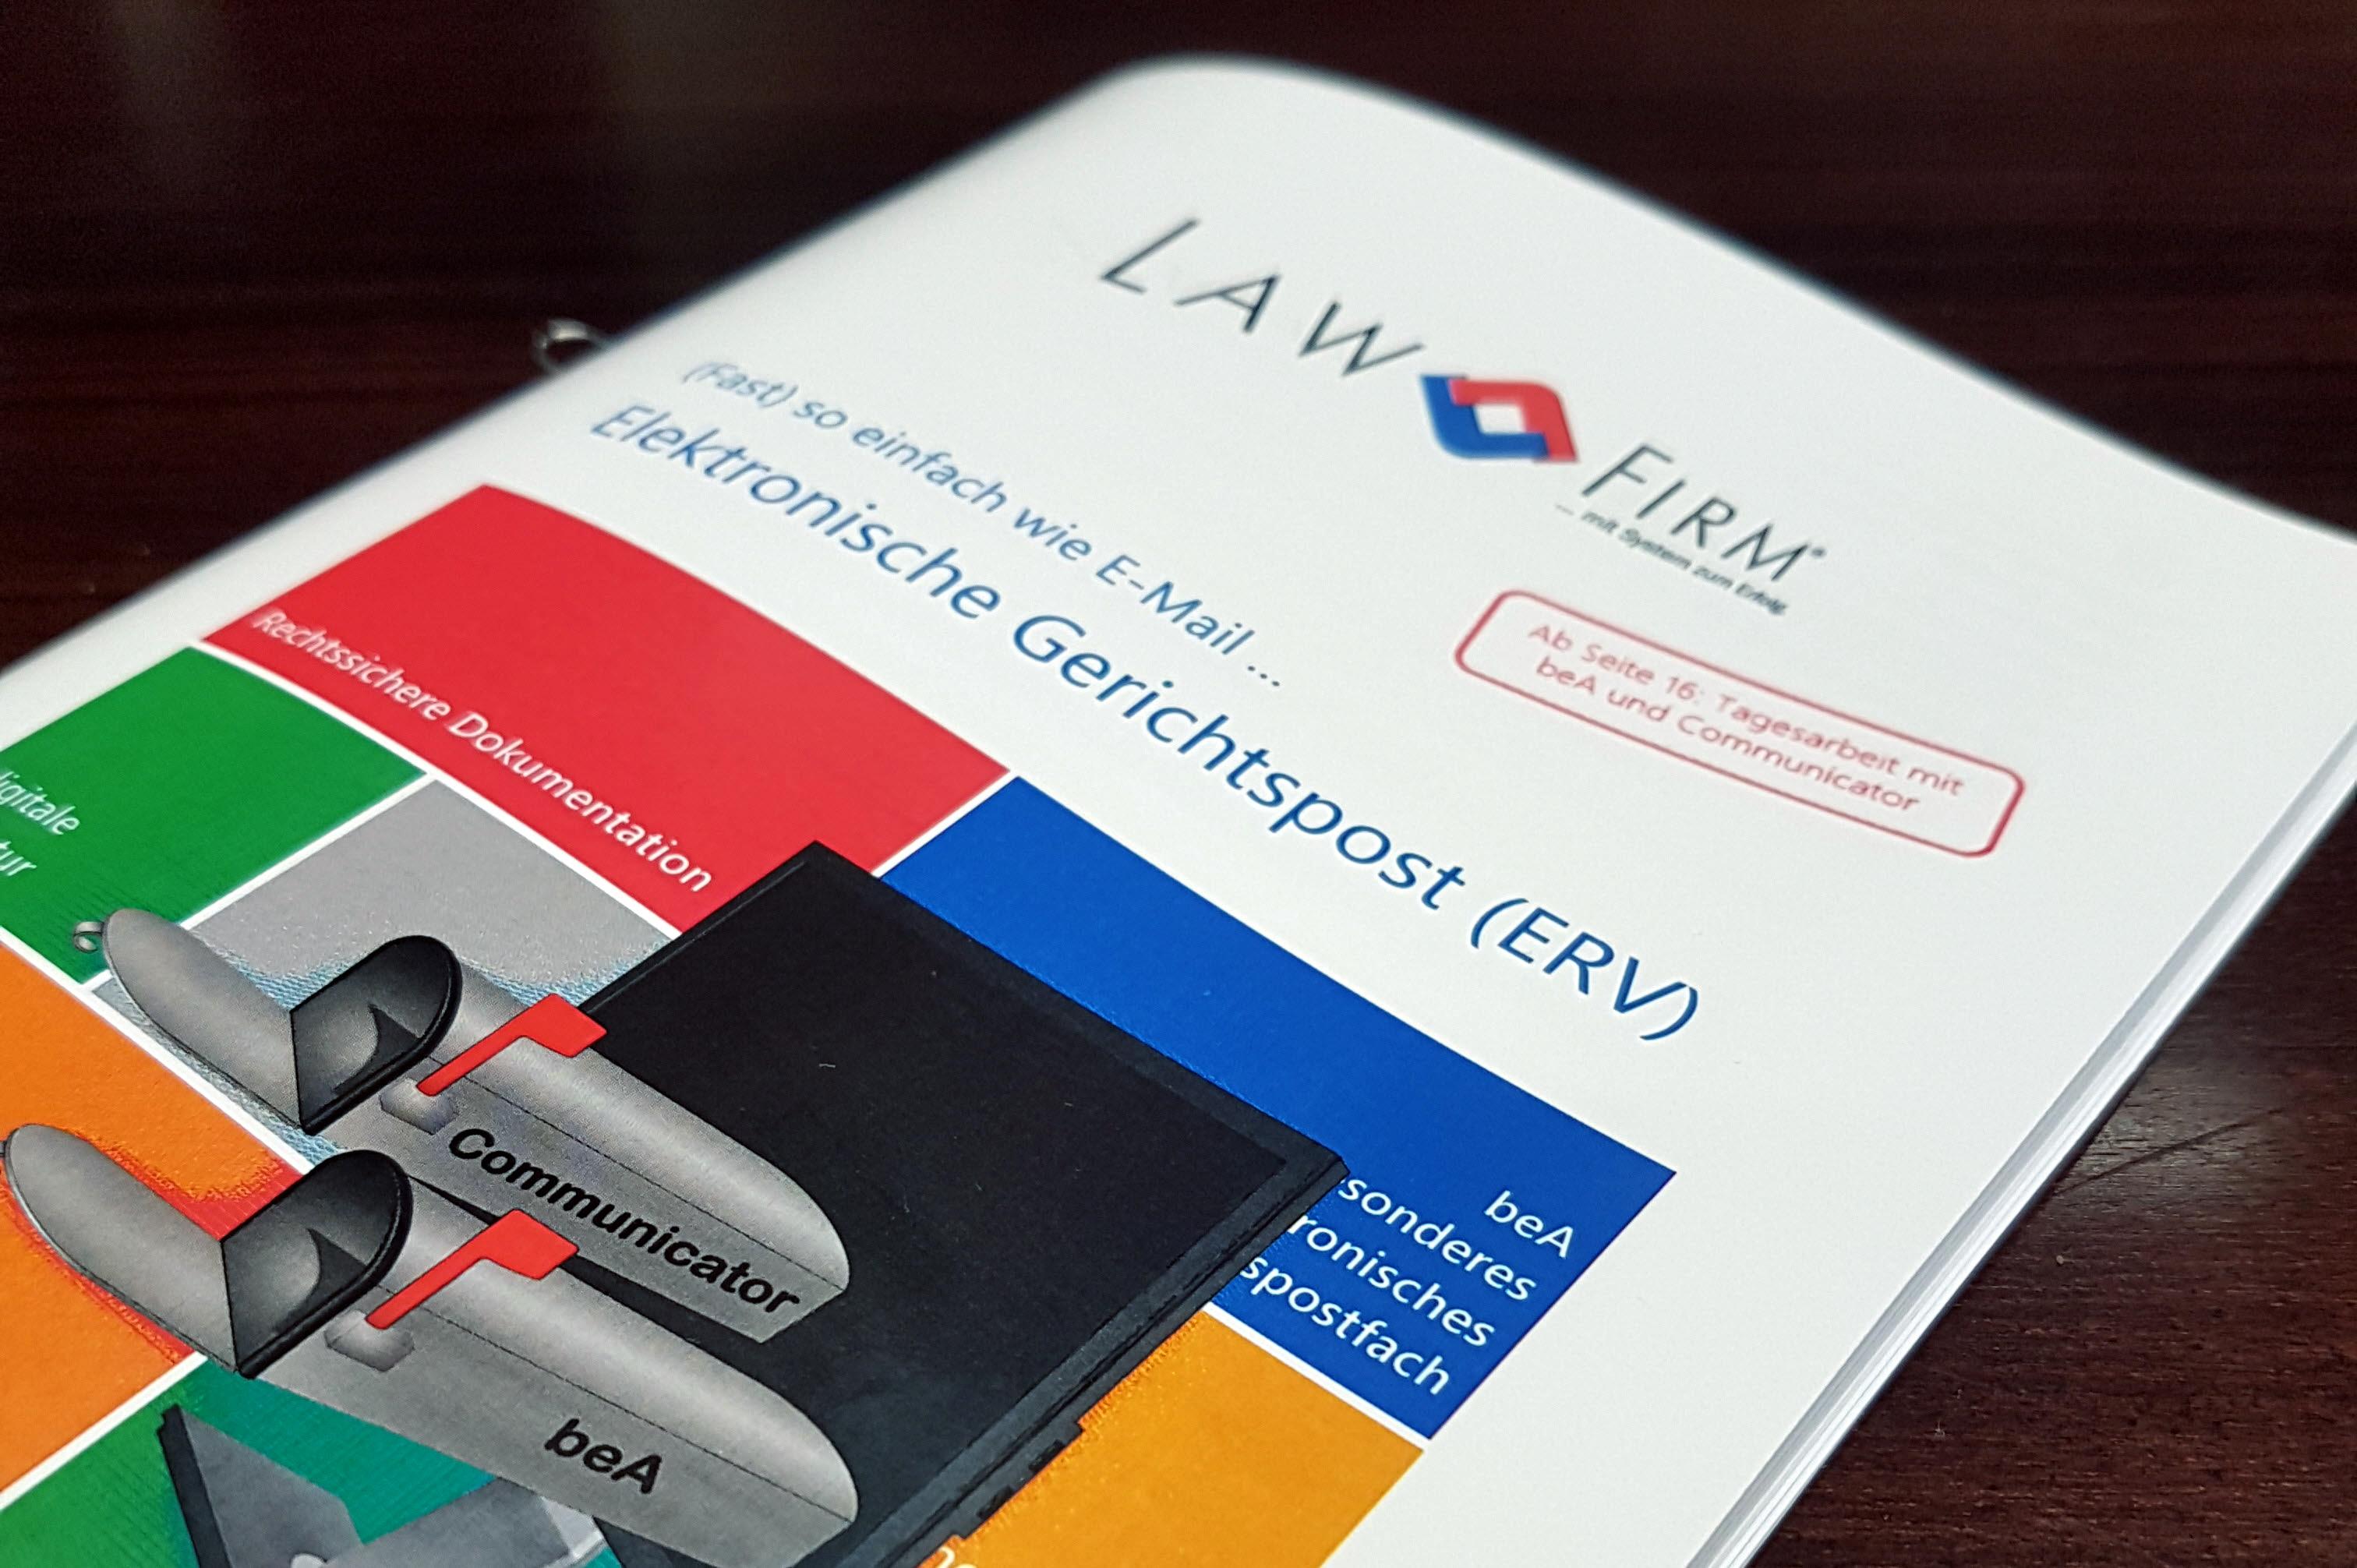 PDF Broschüre (kostenlos zum Download): (fast) so einfach wie E-Mail ... Elektronischer Rechtsverkehr (ERV) / Gerichtspost mit Anwaltspostfach (beA) und Governikus Communicator (EGVP) und der Premium Kanzleisoftware LawFirm für Kanzlei, Rechtsabteilung und Inkasso